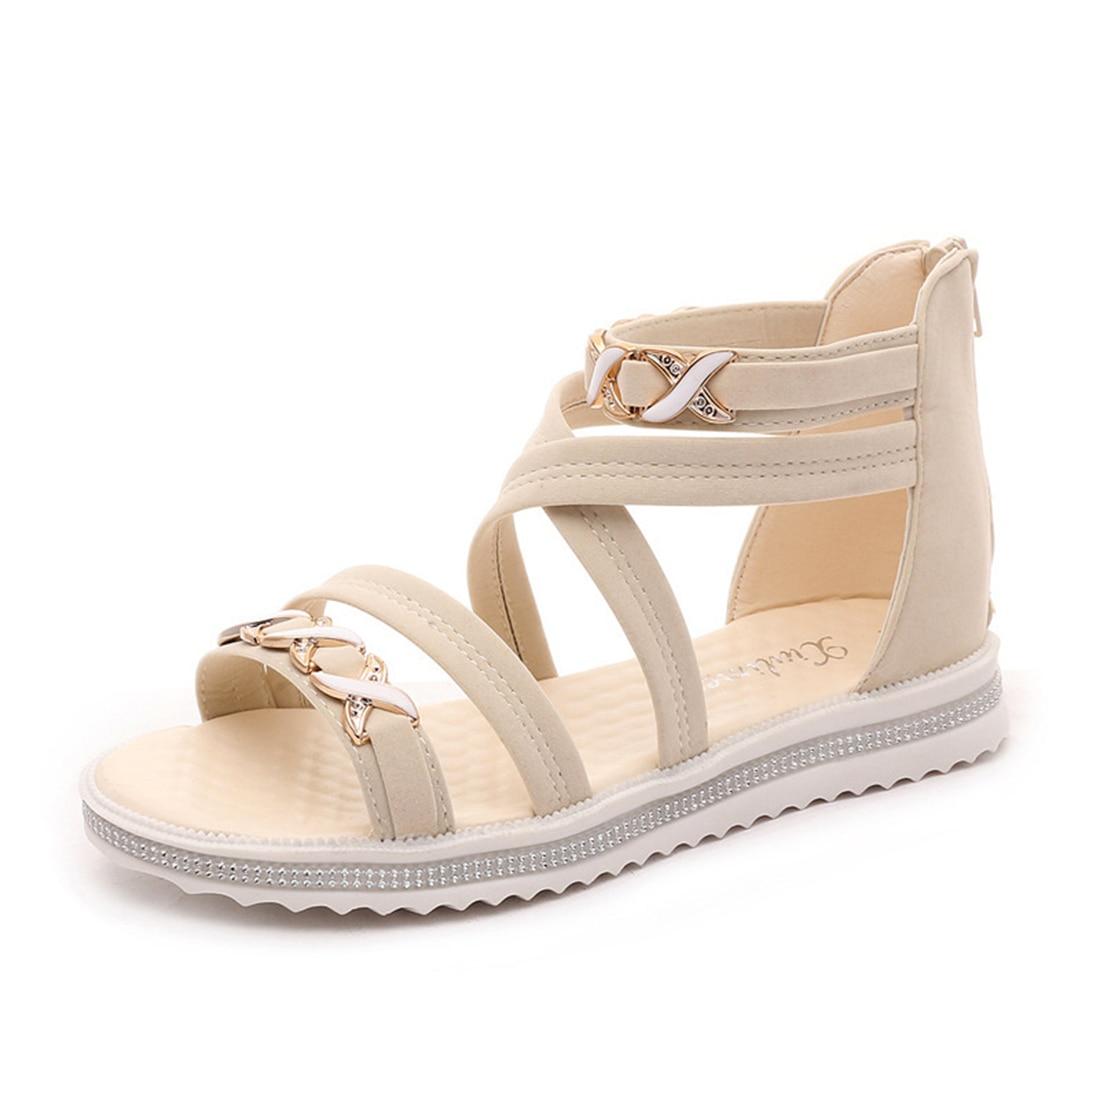 YJSFG HOUSE new women sandals women shoes 2017 summer ...